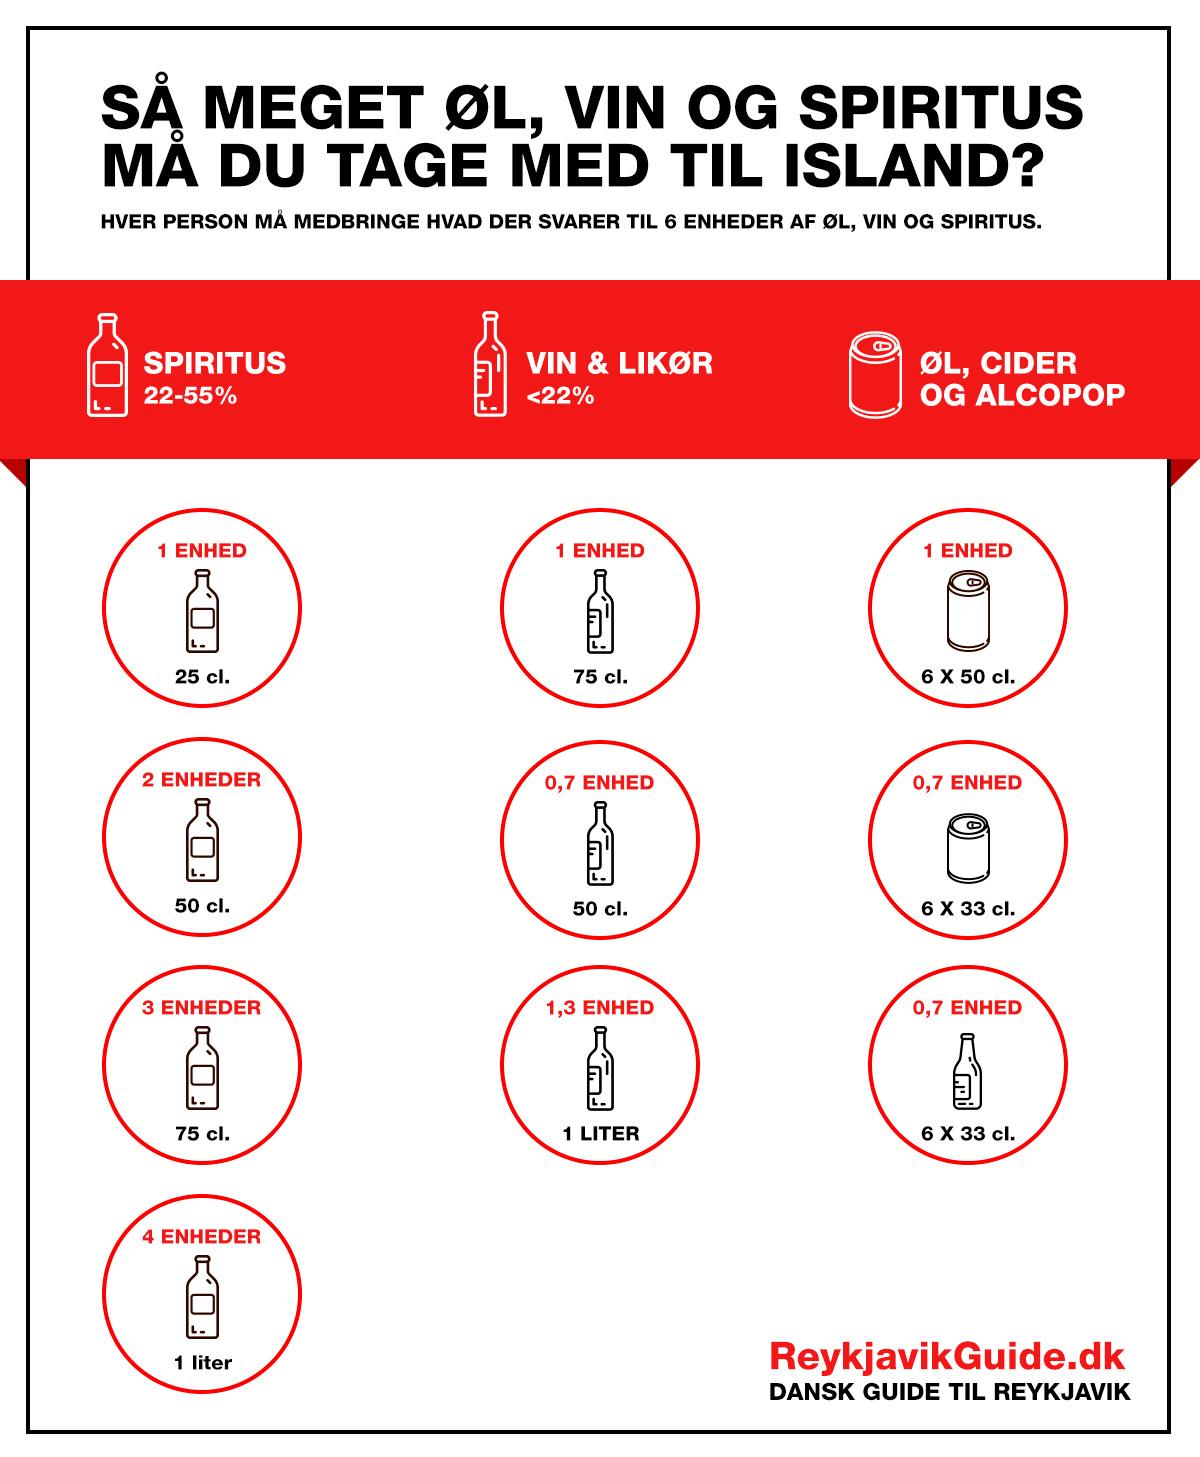 Husk at købe Øl og Spiritus i lufthavnen